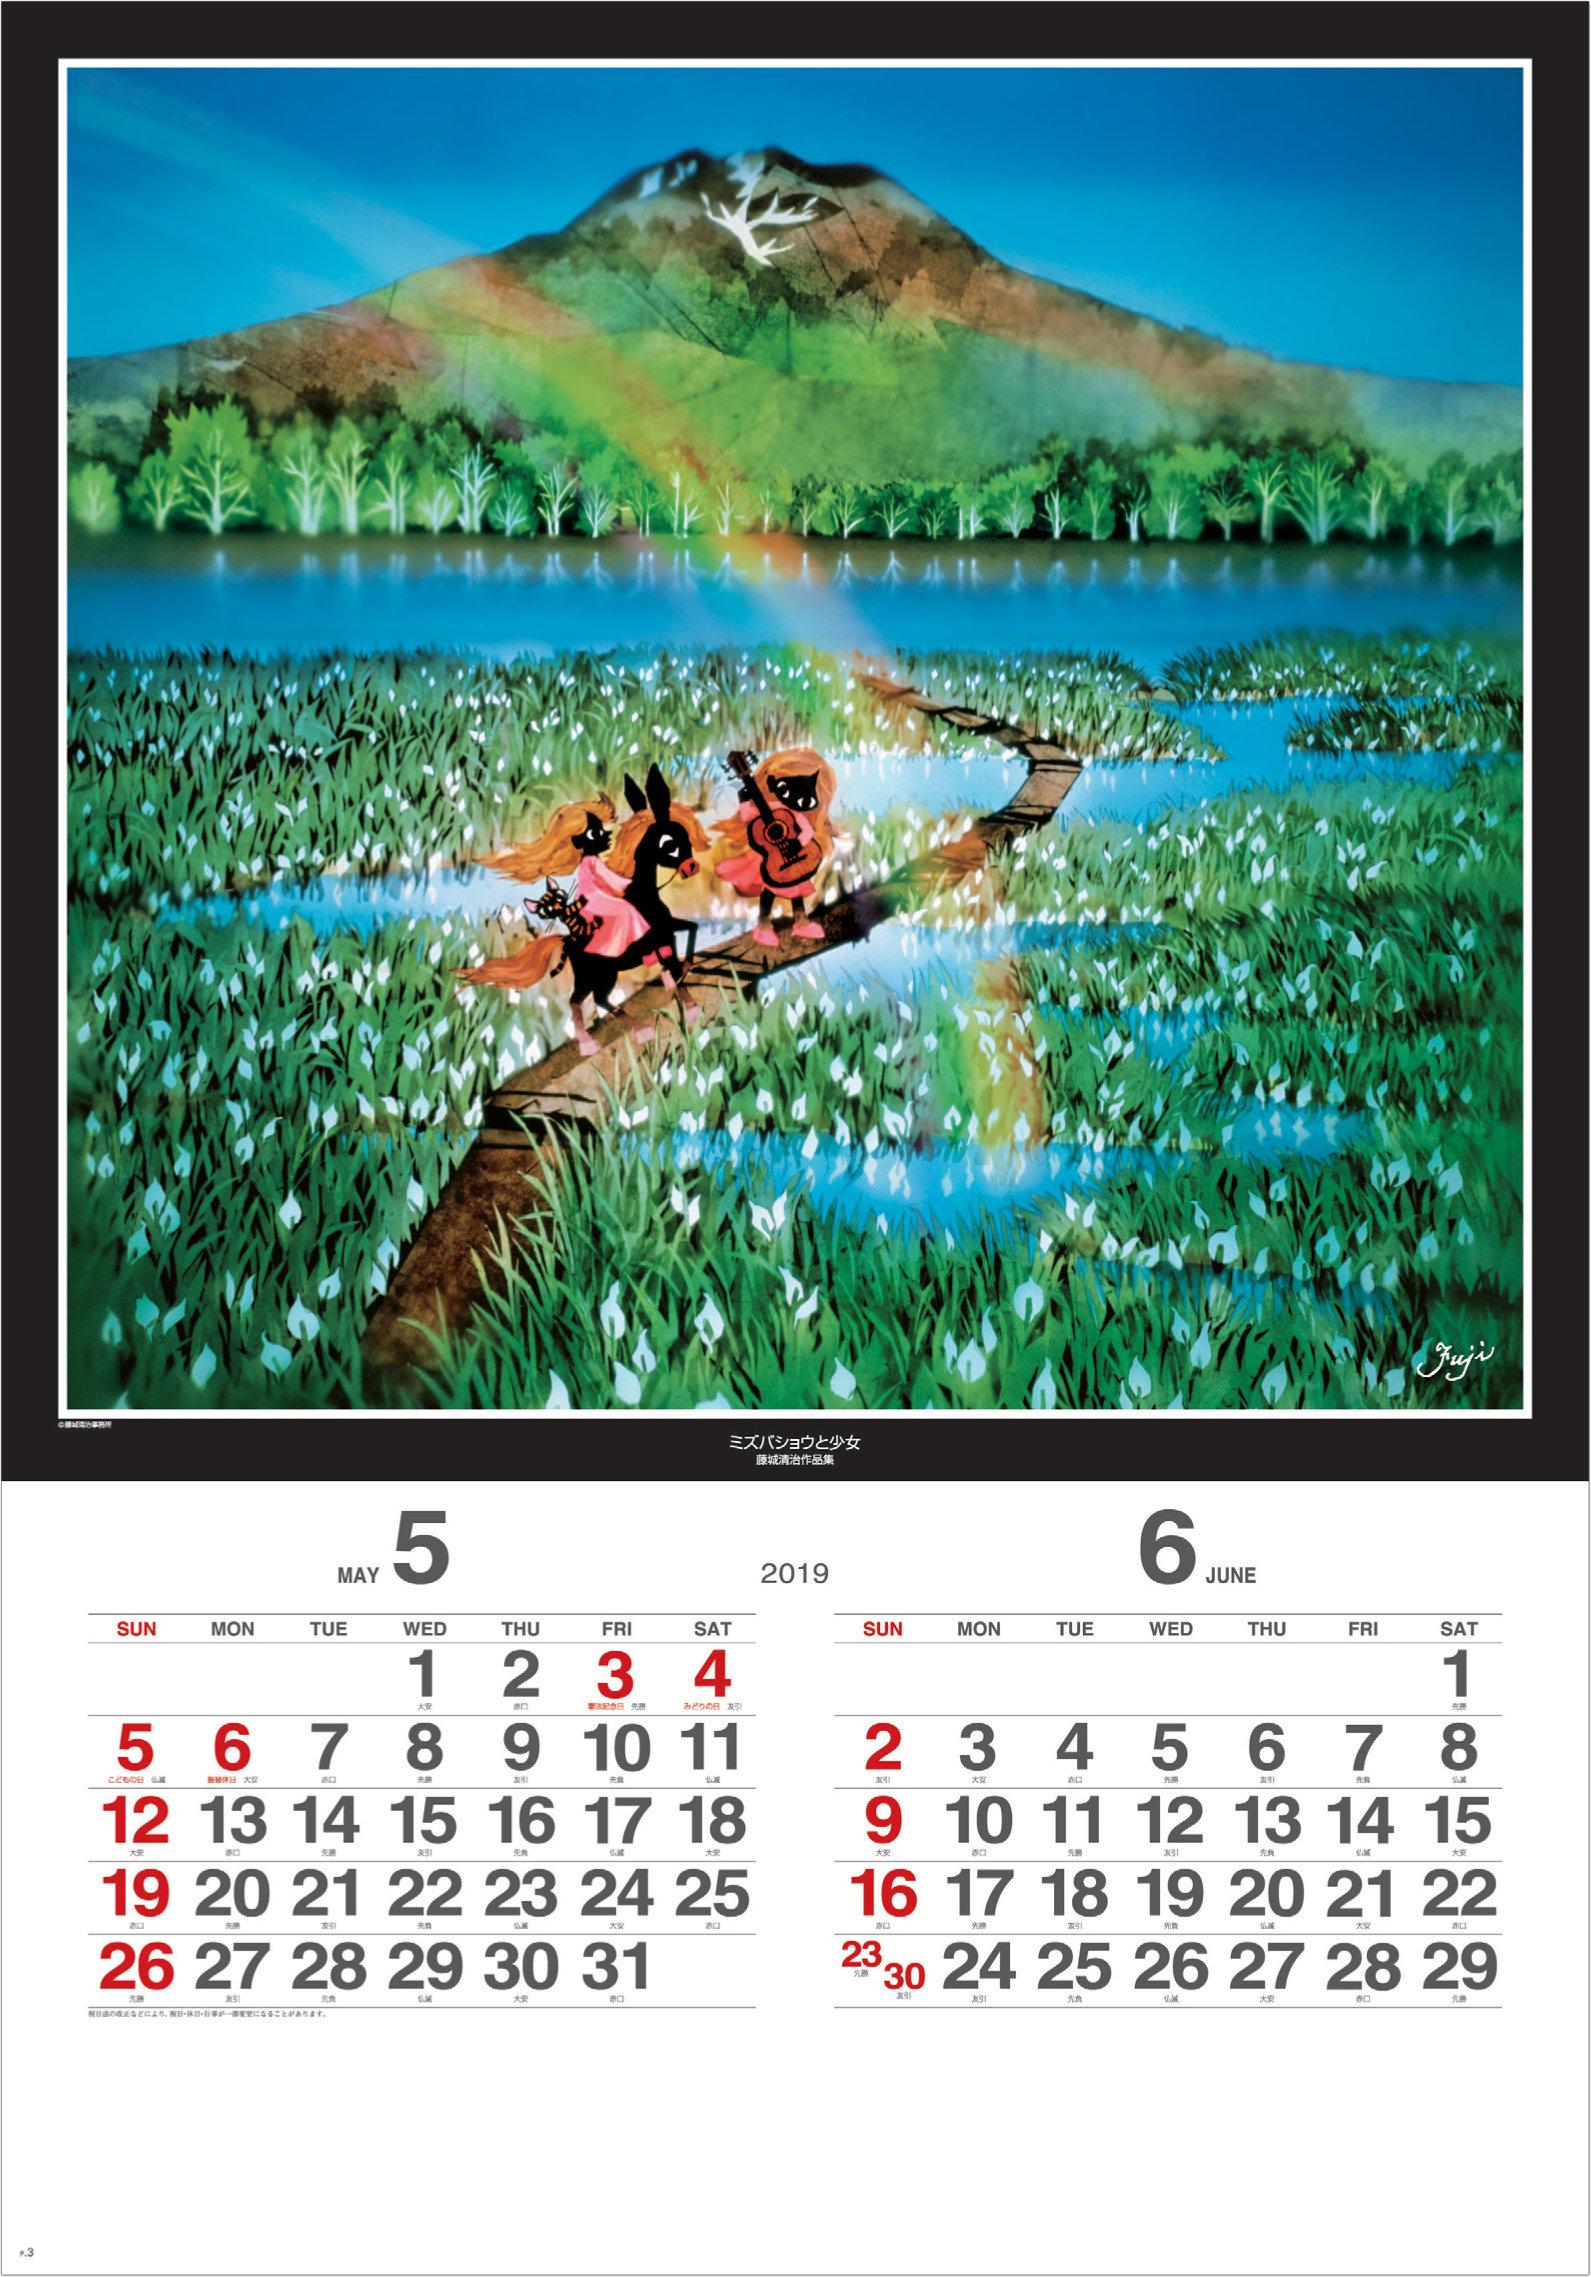 藤城清治 作品「ミズバショウと少女」 遠い日の風景から(影絵)  藤城清治 (フィルムカレンダー) 2019年カレンダーの画像